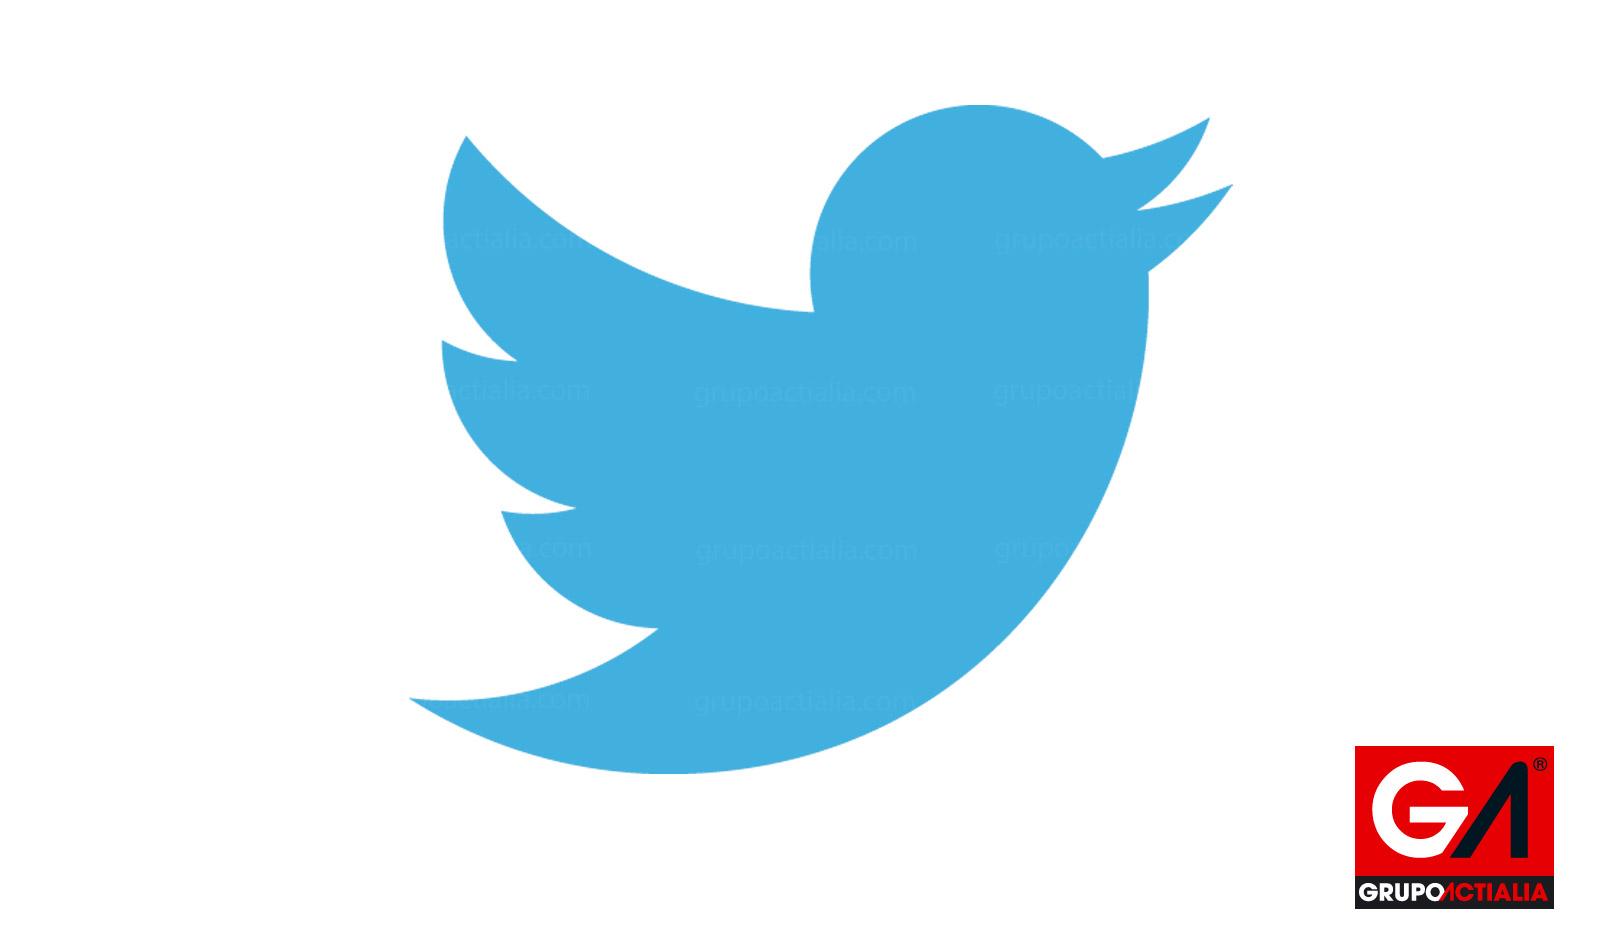 ¿Cómo utilizar Twitter de empresas de manera efectiva?